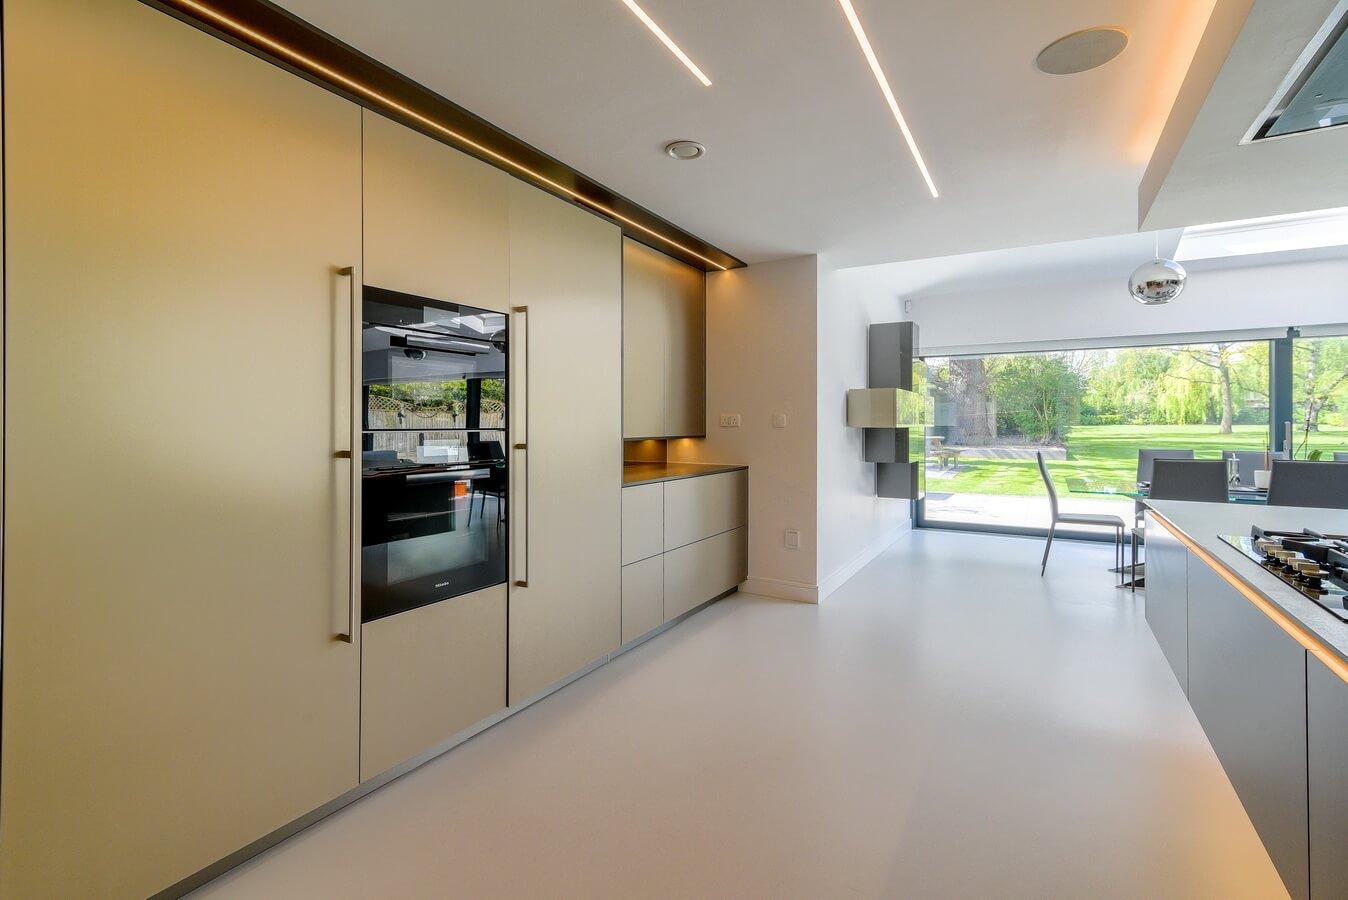 warendorf-titan-aluminium-kitchen-units.jpg